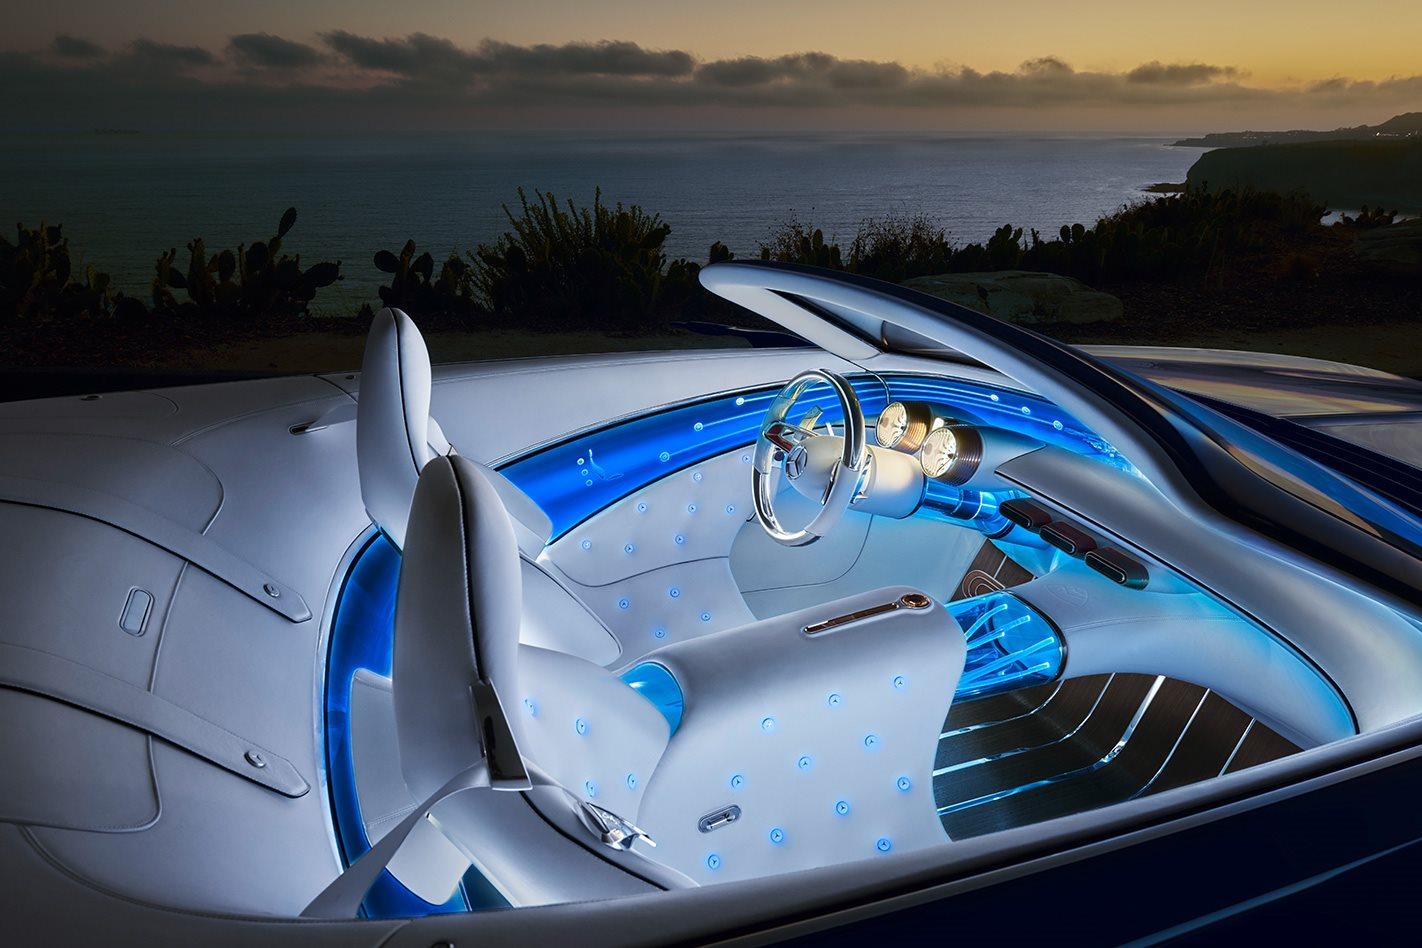 Mercedes Maybach 6 Cabriolet cabin